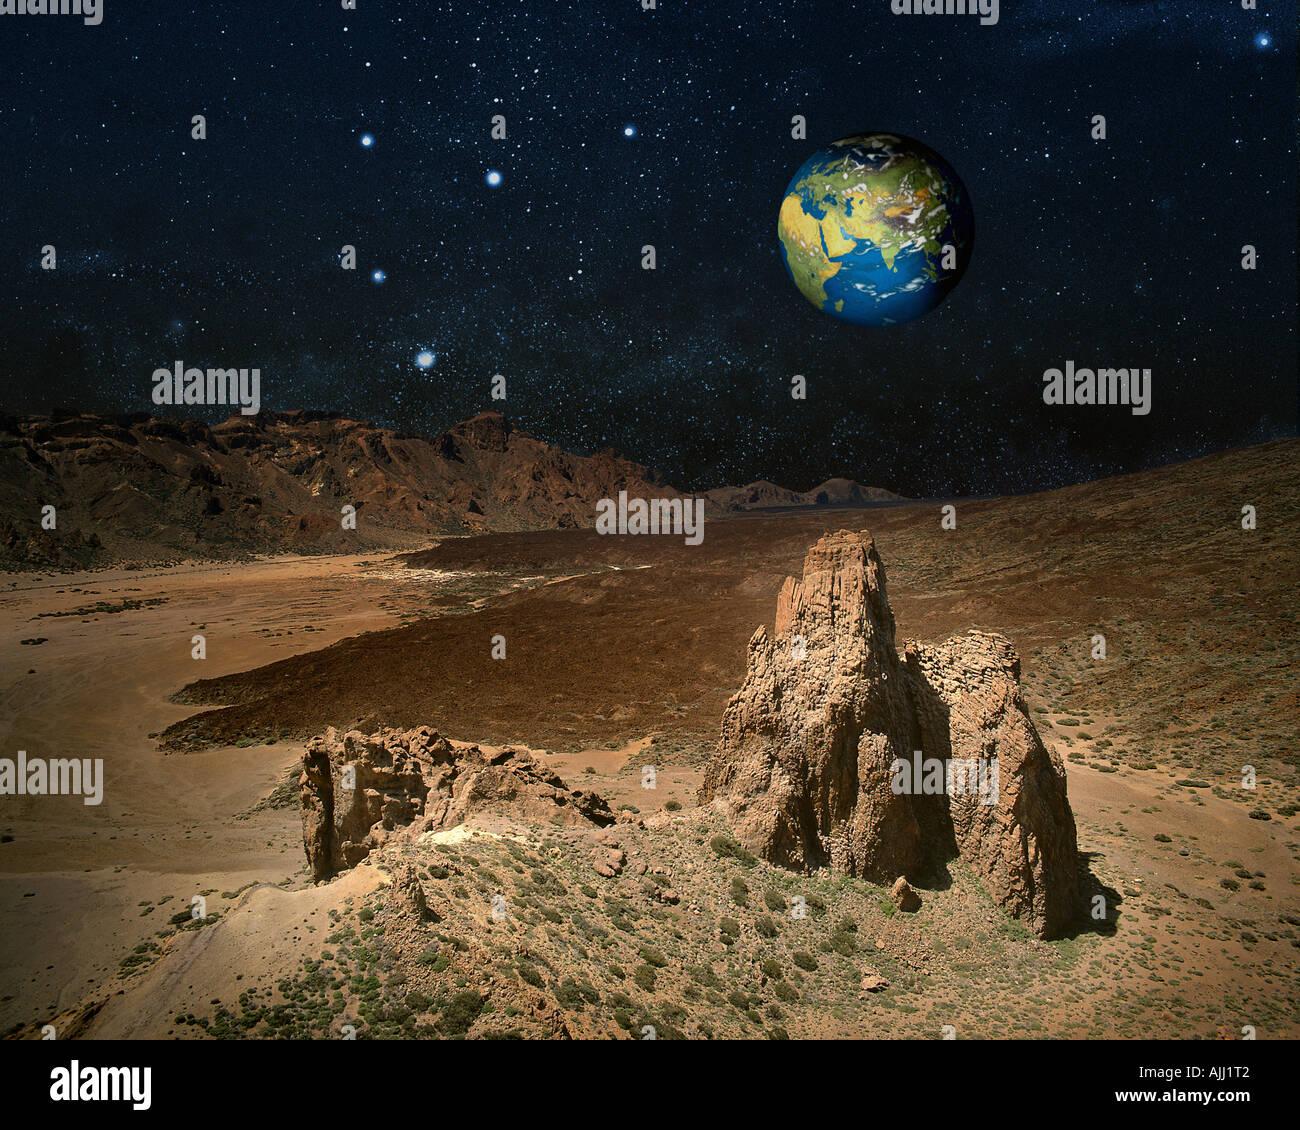 Konzept-Fotografie: Planet Erde aus dem Weltraum Stockbild